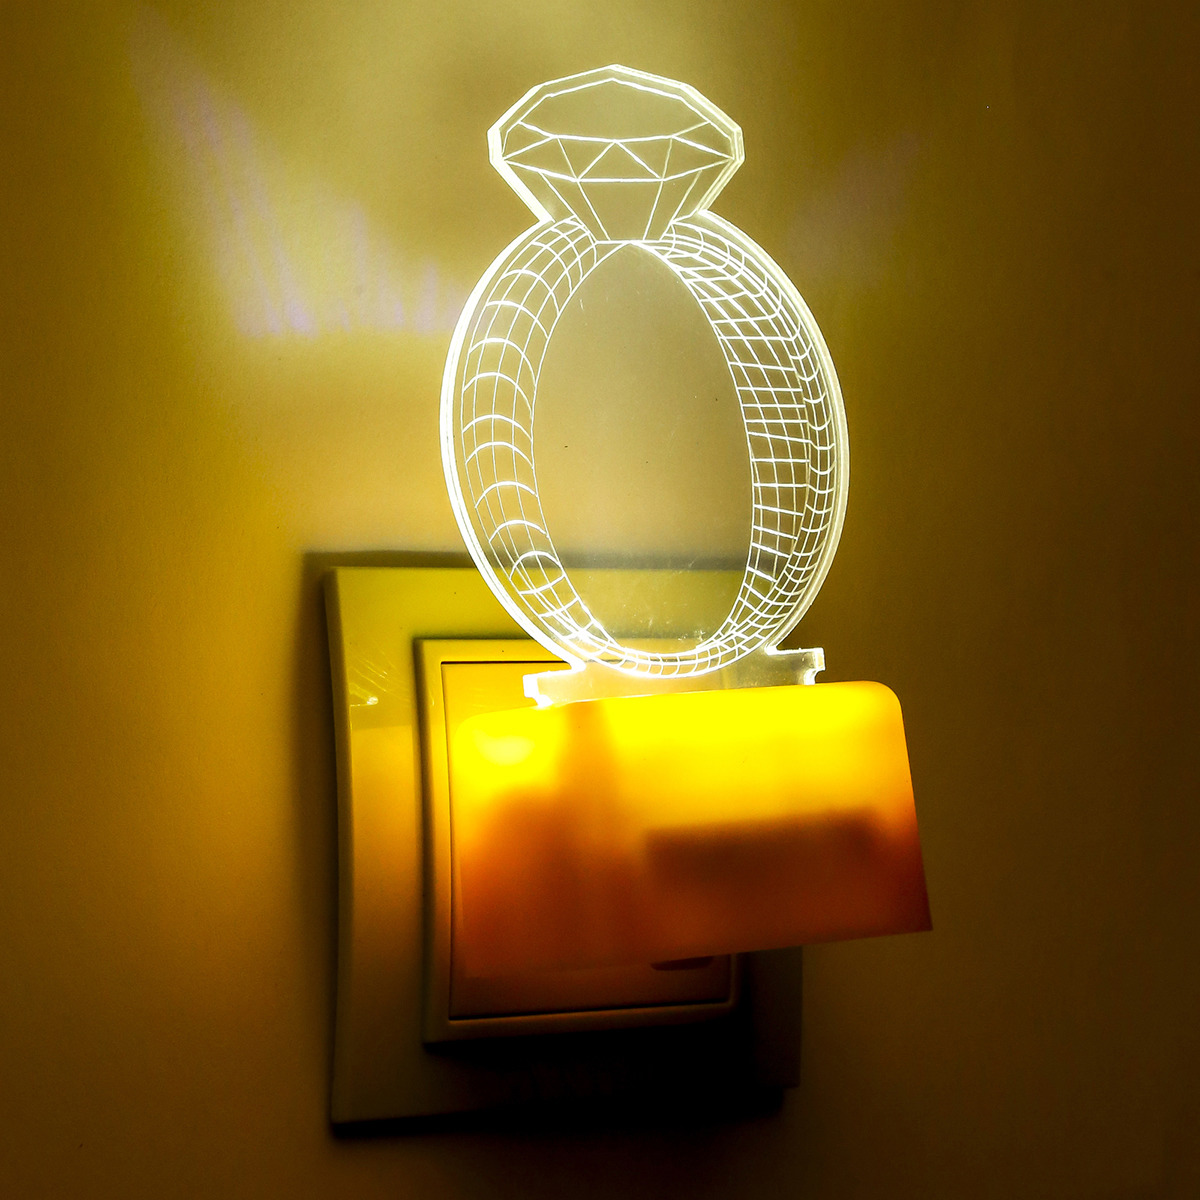 Ночник Risalux Кольцо, 3 режима, LED, 3877914, прозрачный, 8 х 8 х 14 см